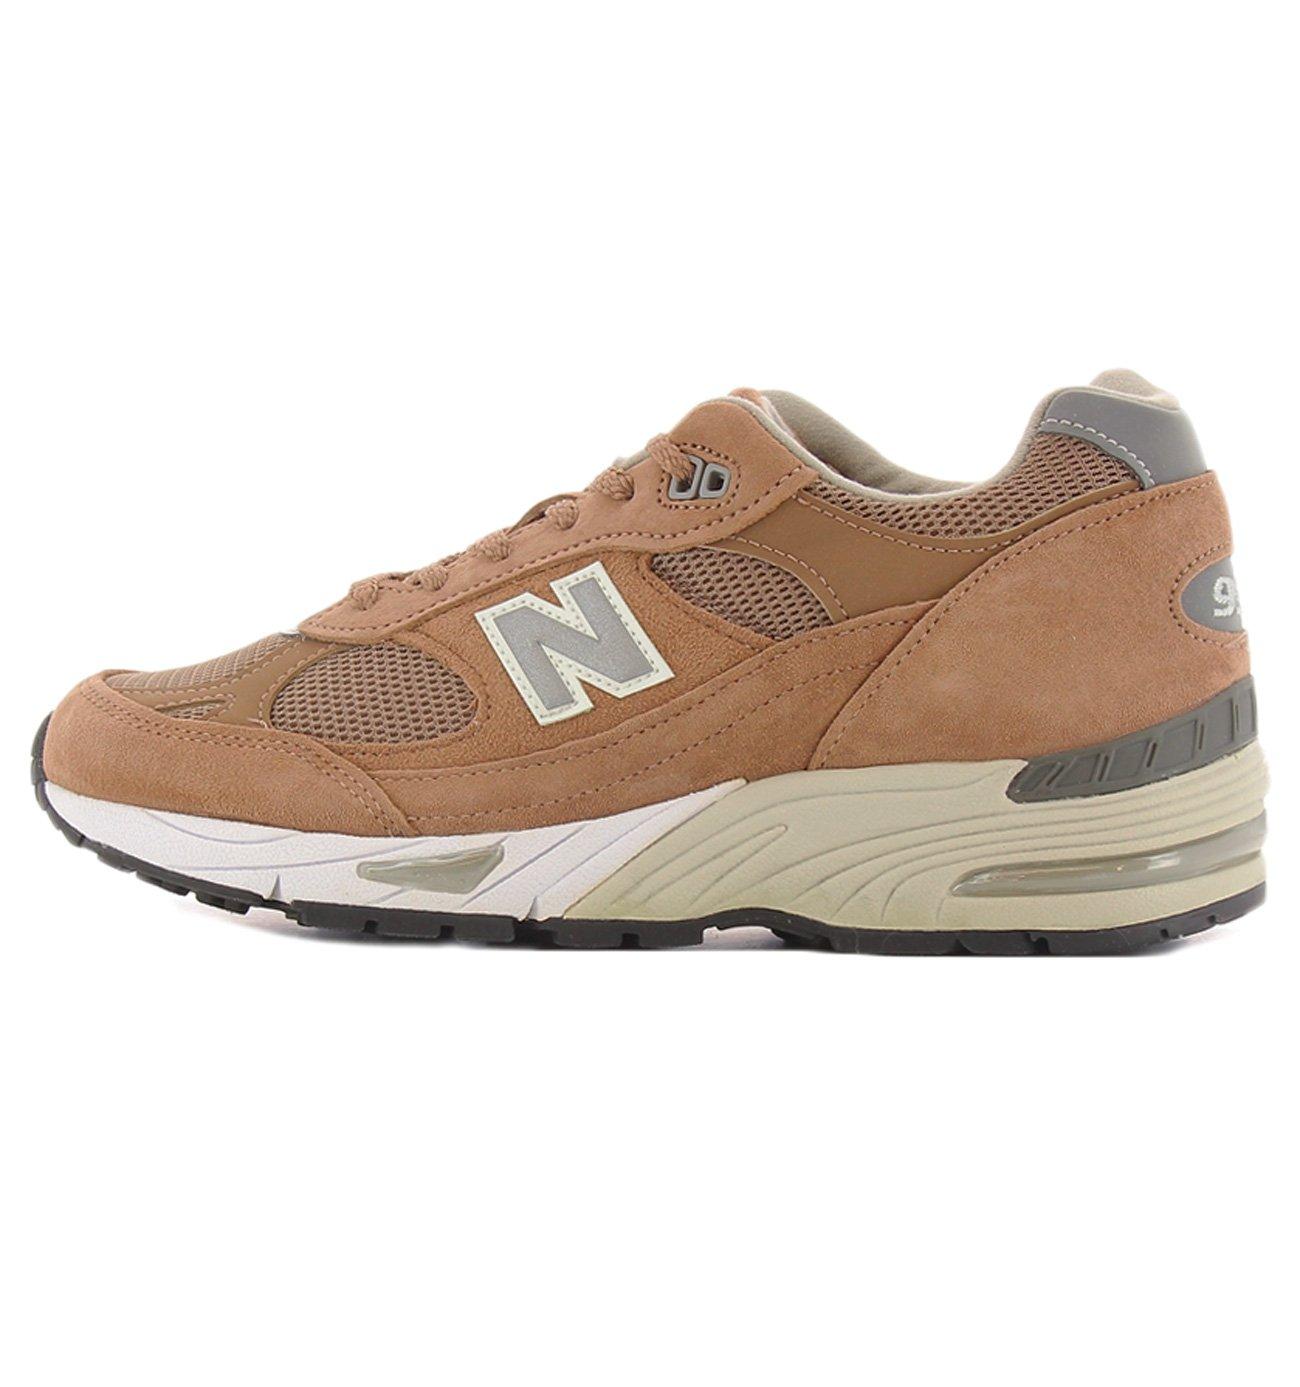 New Balance M991SMG Sneaker Hombre 41.5 EU|sabbia Venta de calzado deportivo de moda en línea